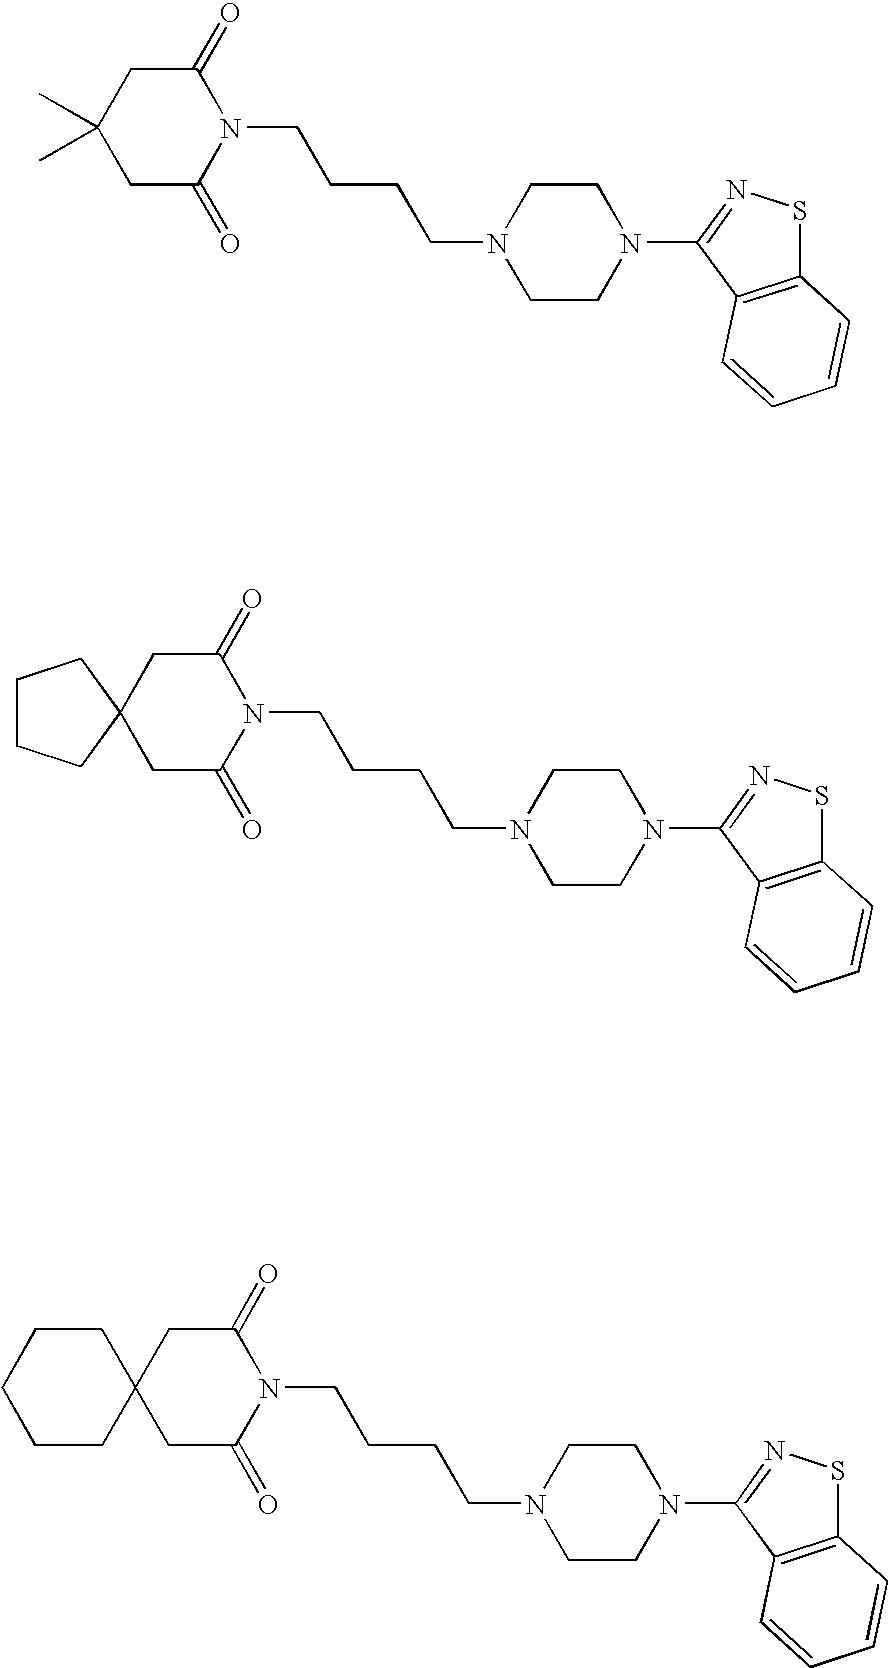 Figure US20100009983A1-20100114-C00013